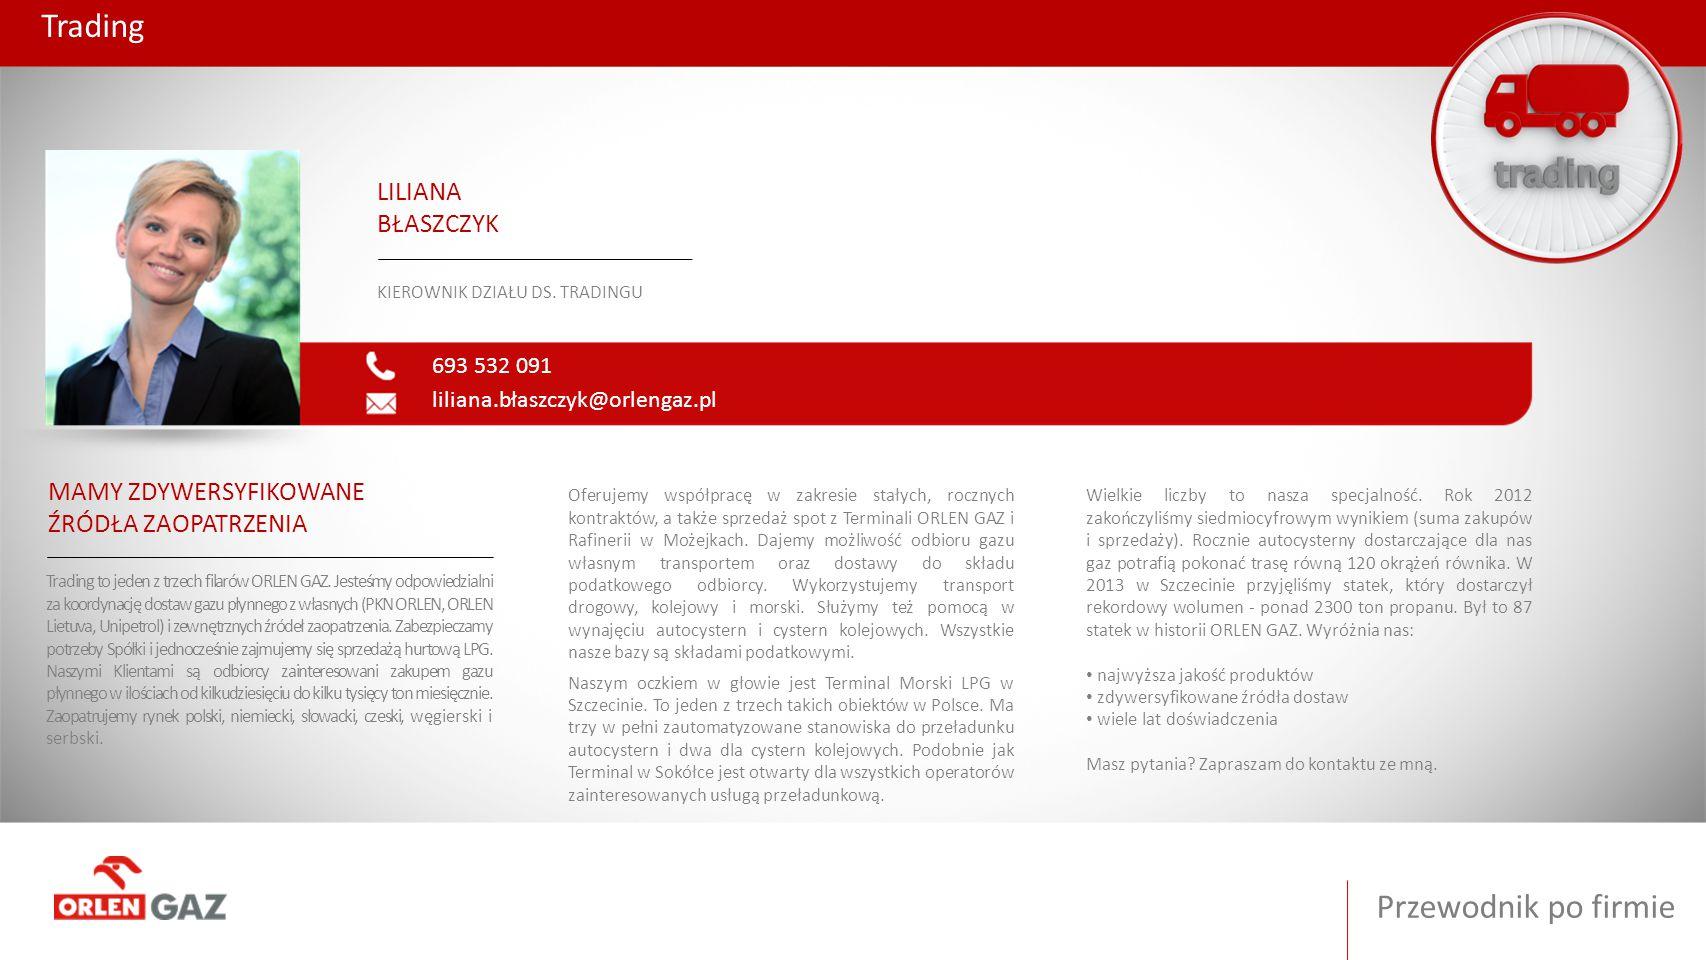 Przewodnik po firmie Trading 693 532 091 liliana.błaszczyk@orlengaz.pl LILIANA BŁASZCZYK KIEROWNIK DZIAŁU DS. TRADINGU MAMY ZDYWERSYFIKOWANE ŹRÓDŁA ZA